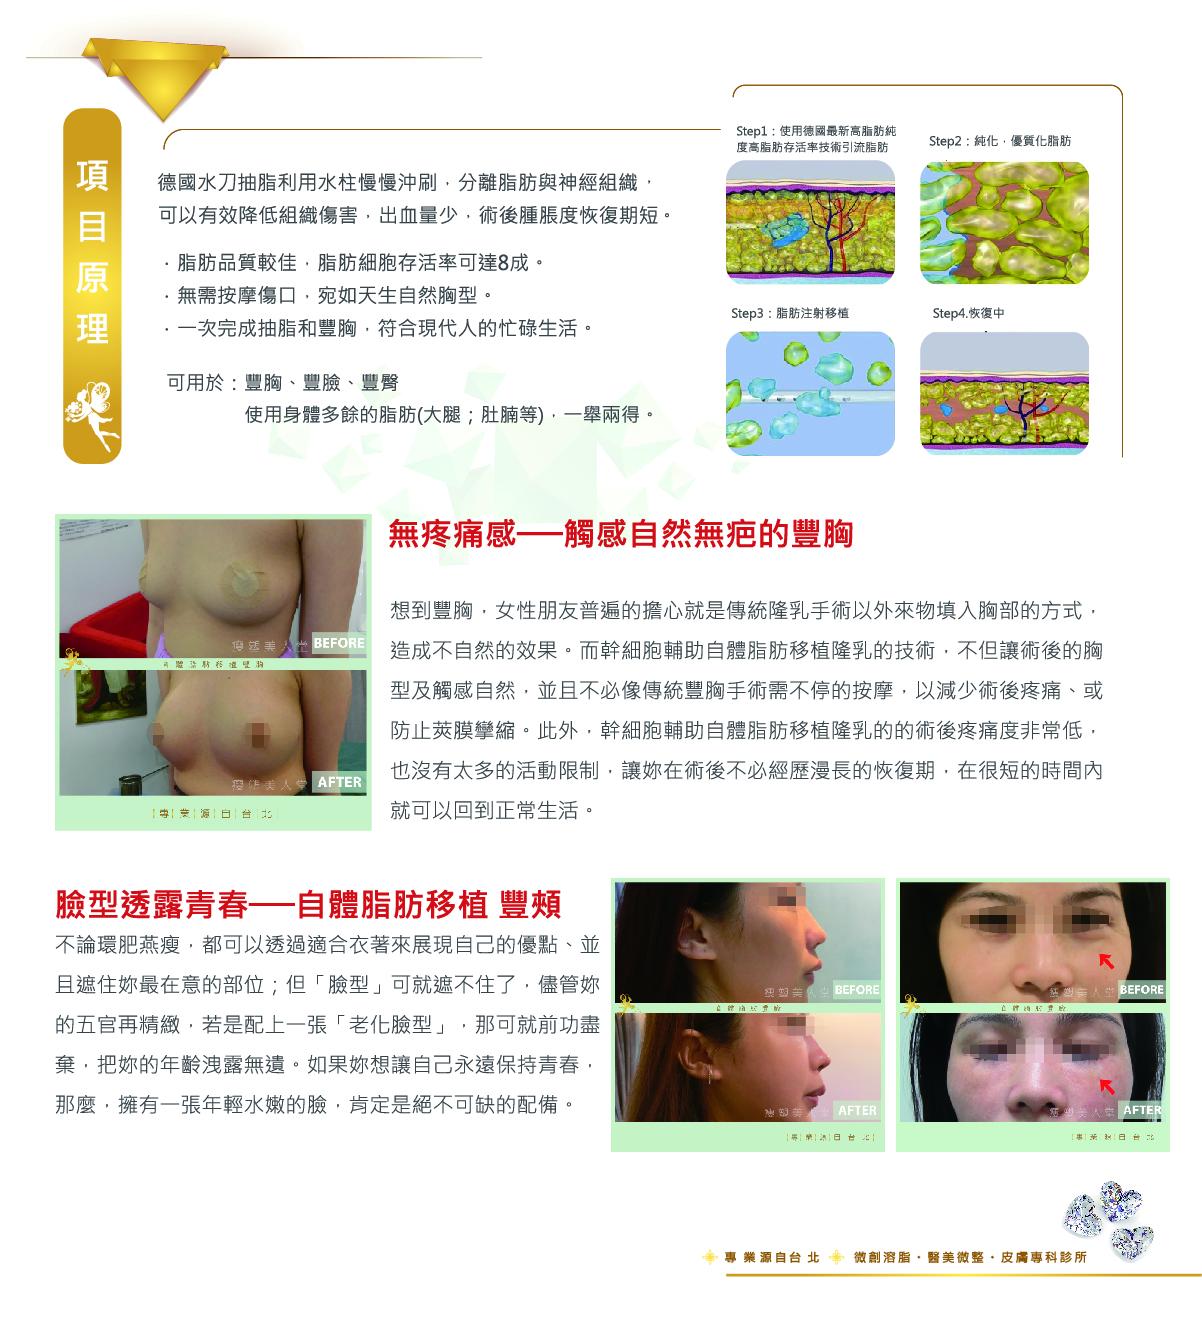 幹細胞自體脂肪移植 (豐頰 豐胸)